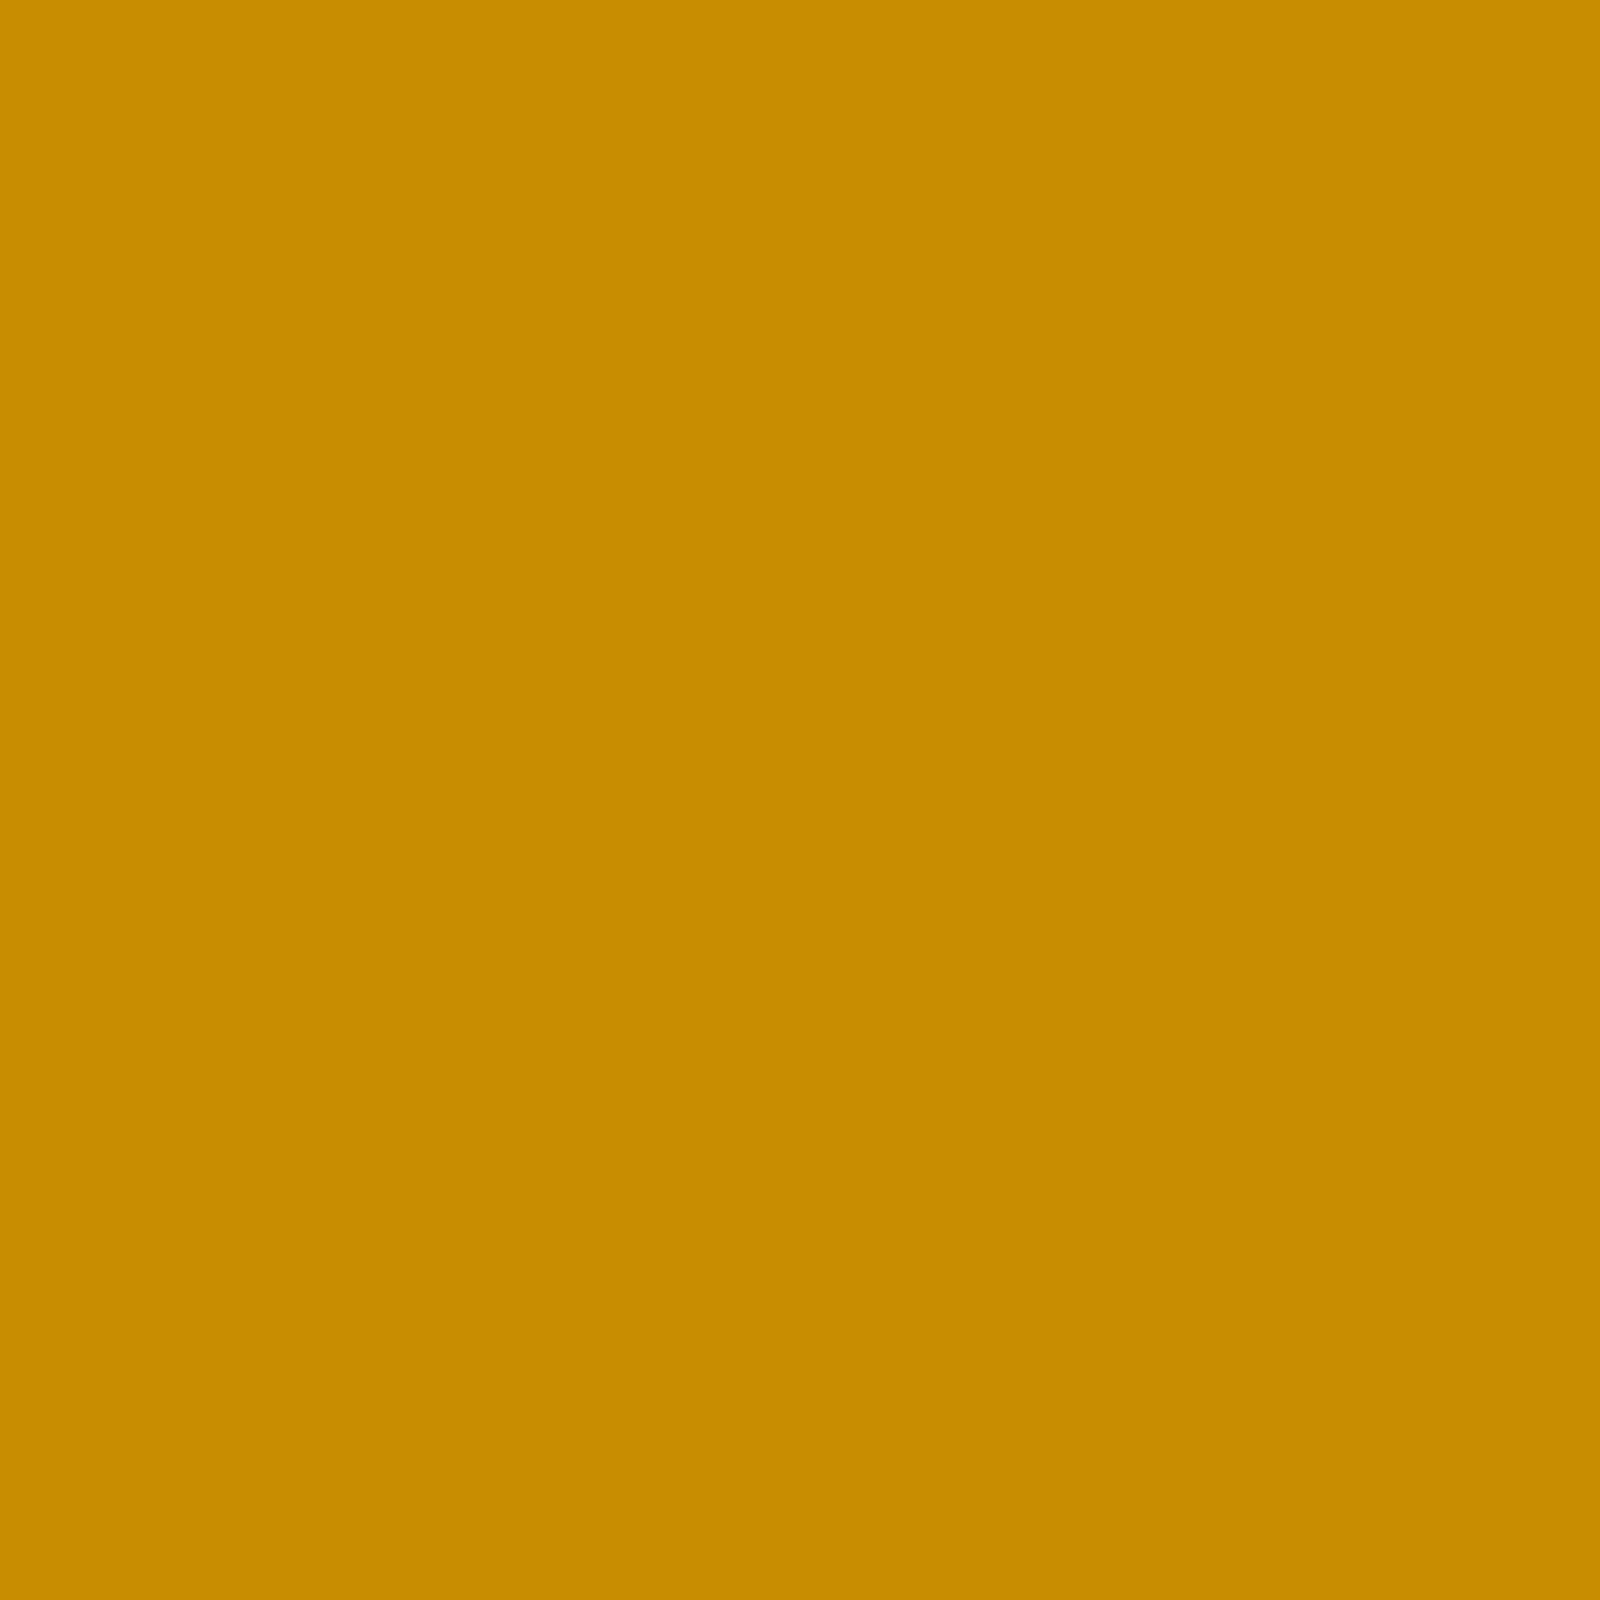 share-yellow